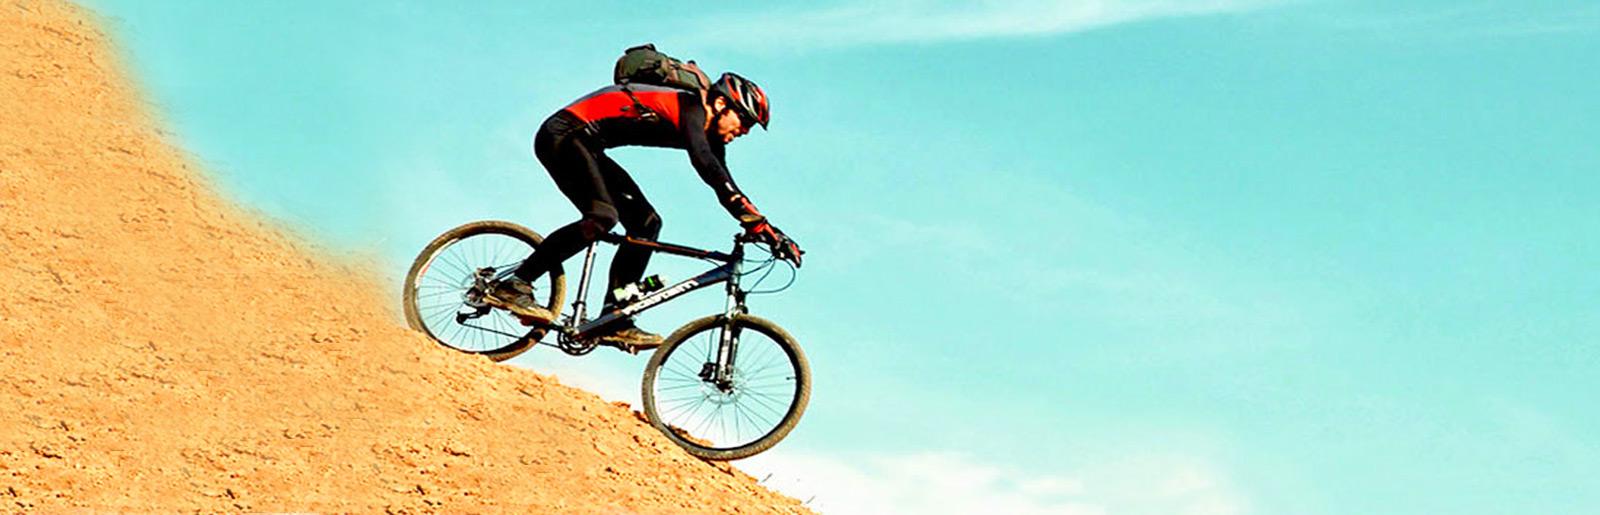 Lar National Park Mountain Biking to Polur